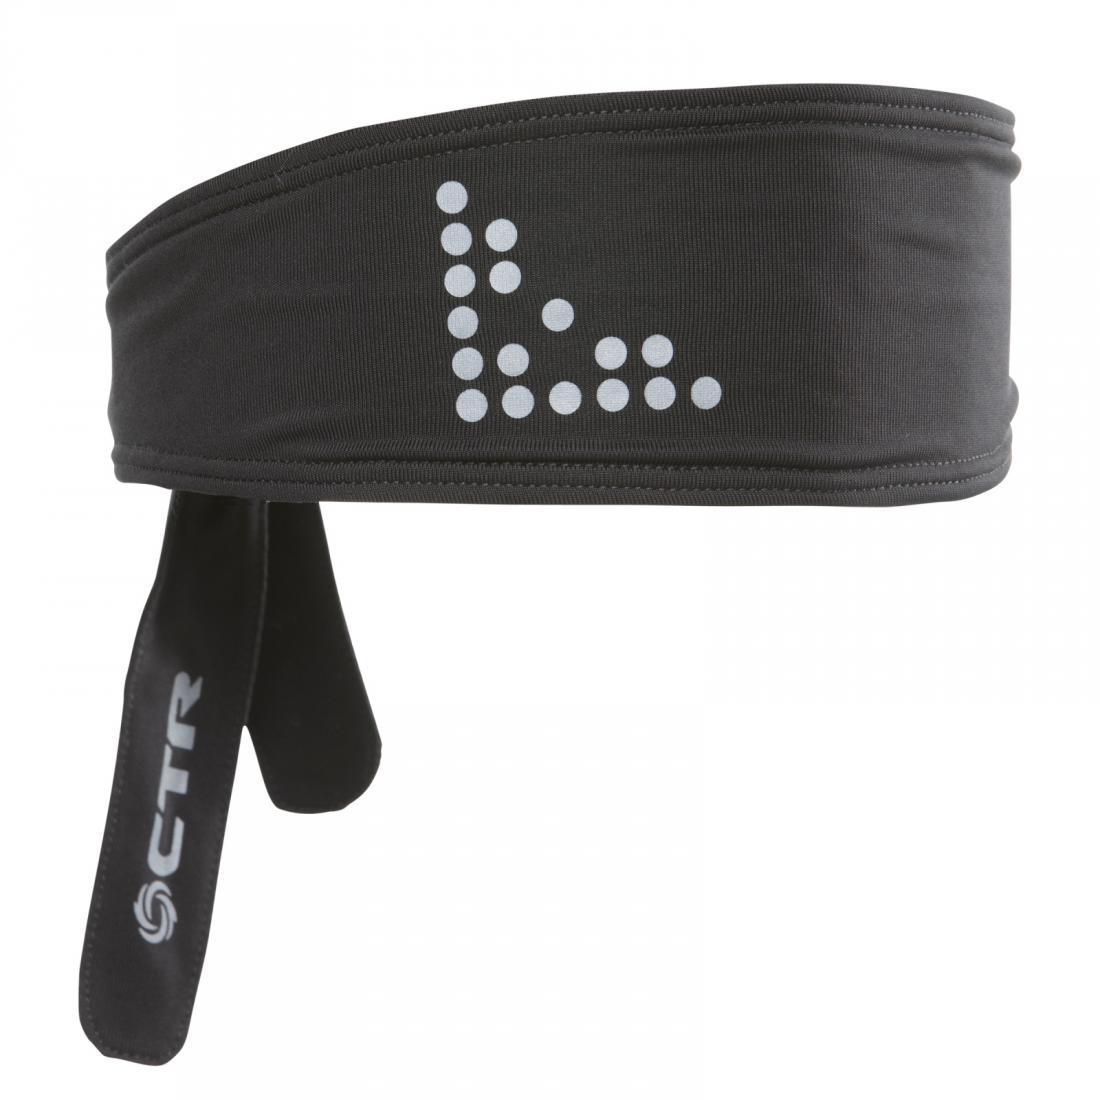 Полоска Chaos  Chase HeadbandПовязки<br><br> Стильная полоска Chaos Chase Headband — это оптимальный выбор для туристов и спортсменов. Она повязывается на голову, позволяя убрать мешающие волосы с лица и лба. Удобство и высокое качество материалов делают эту модель одним из самых популярных р...<br><br>Цвет: Черный<br>Размер: None